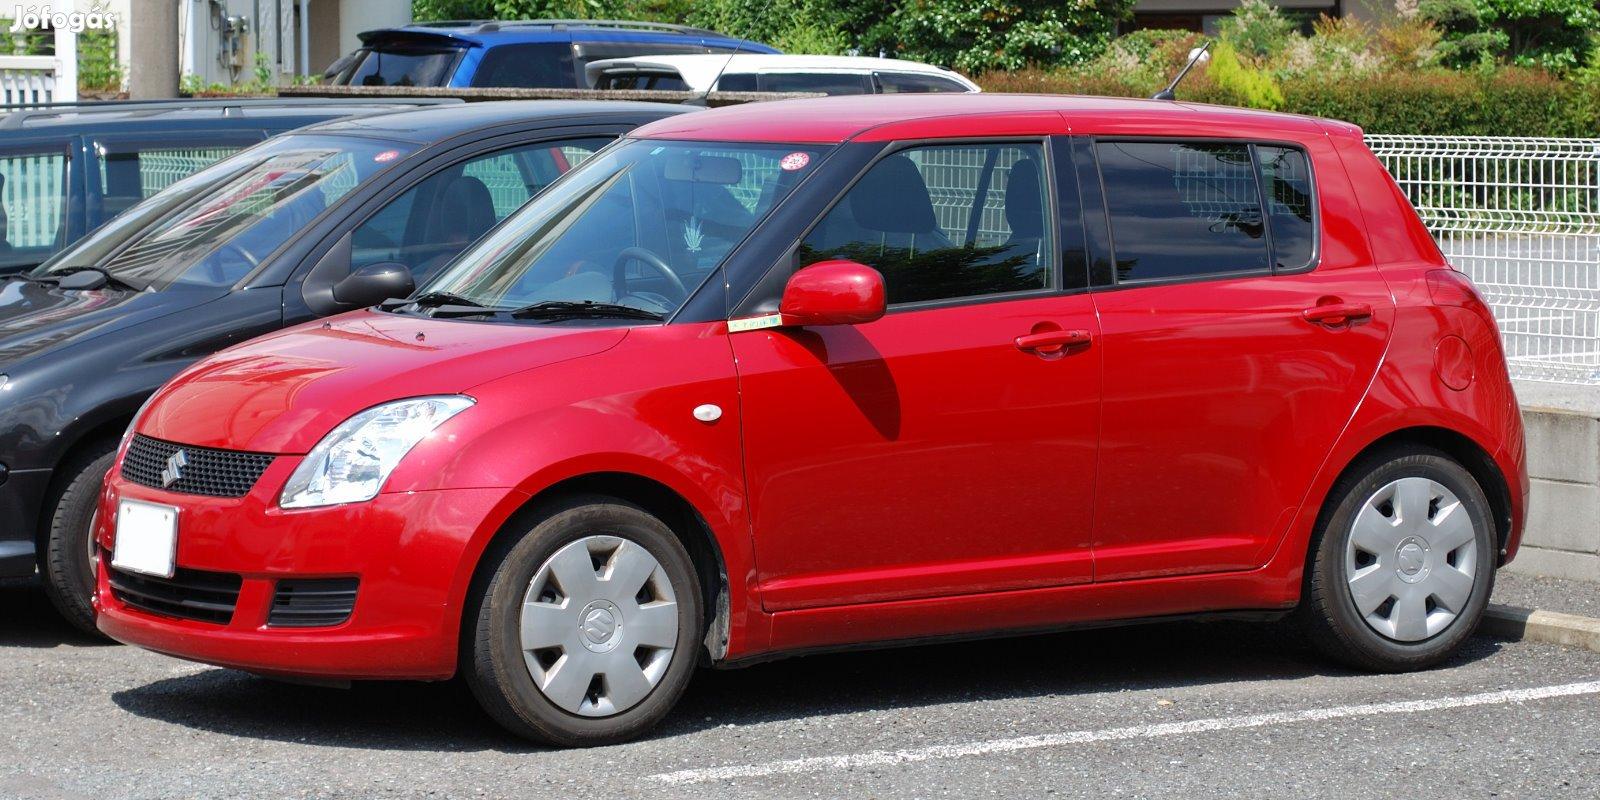 Suzuki swift alkatrészek nagy választékban több színben olcsón eladó